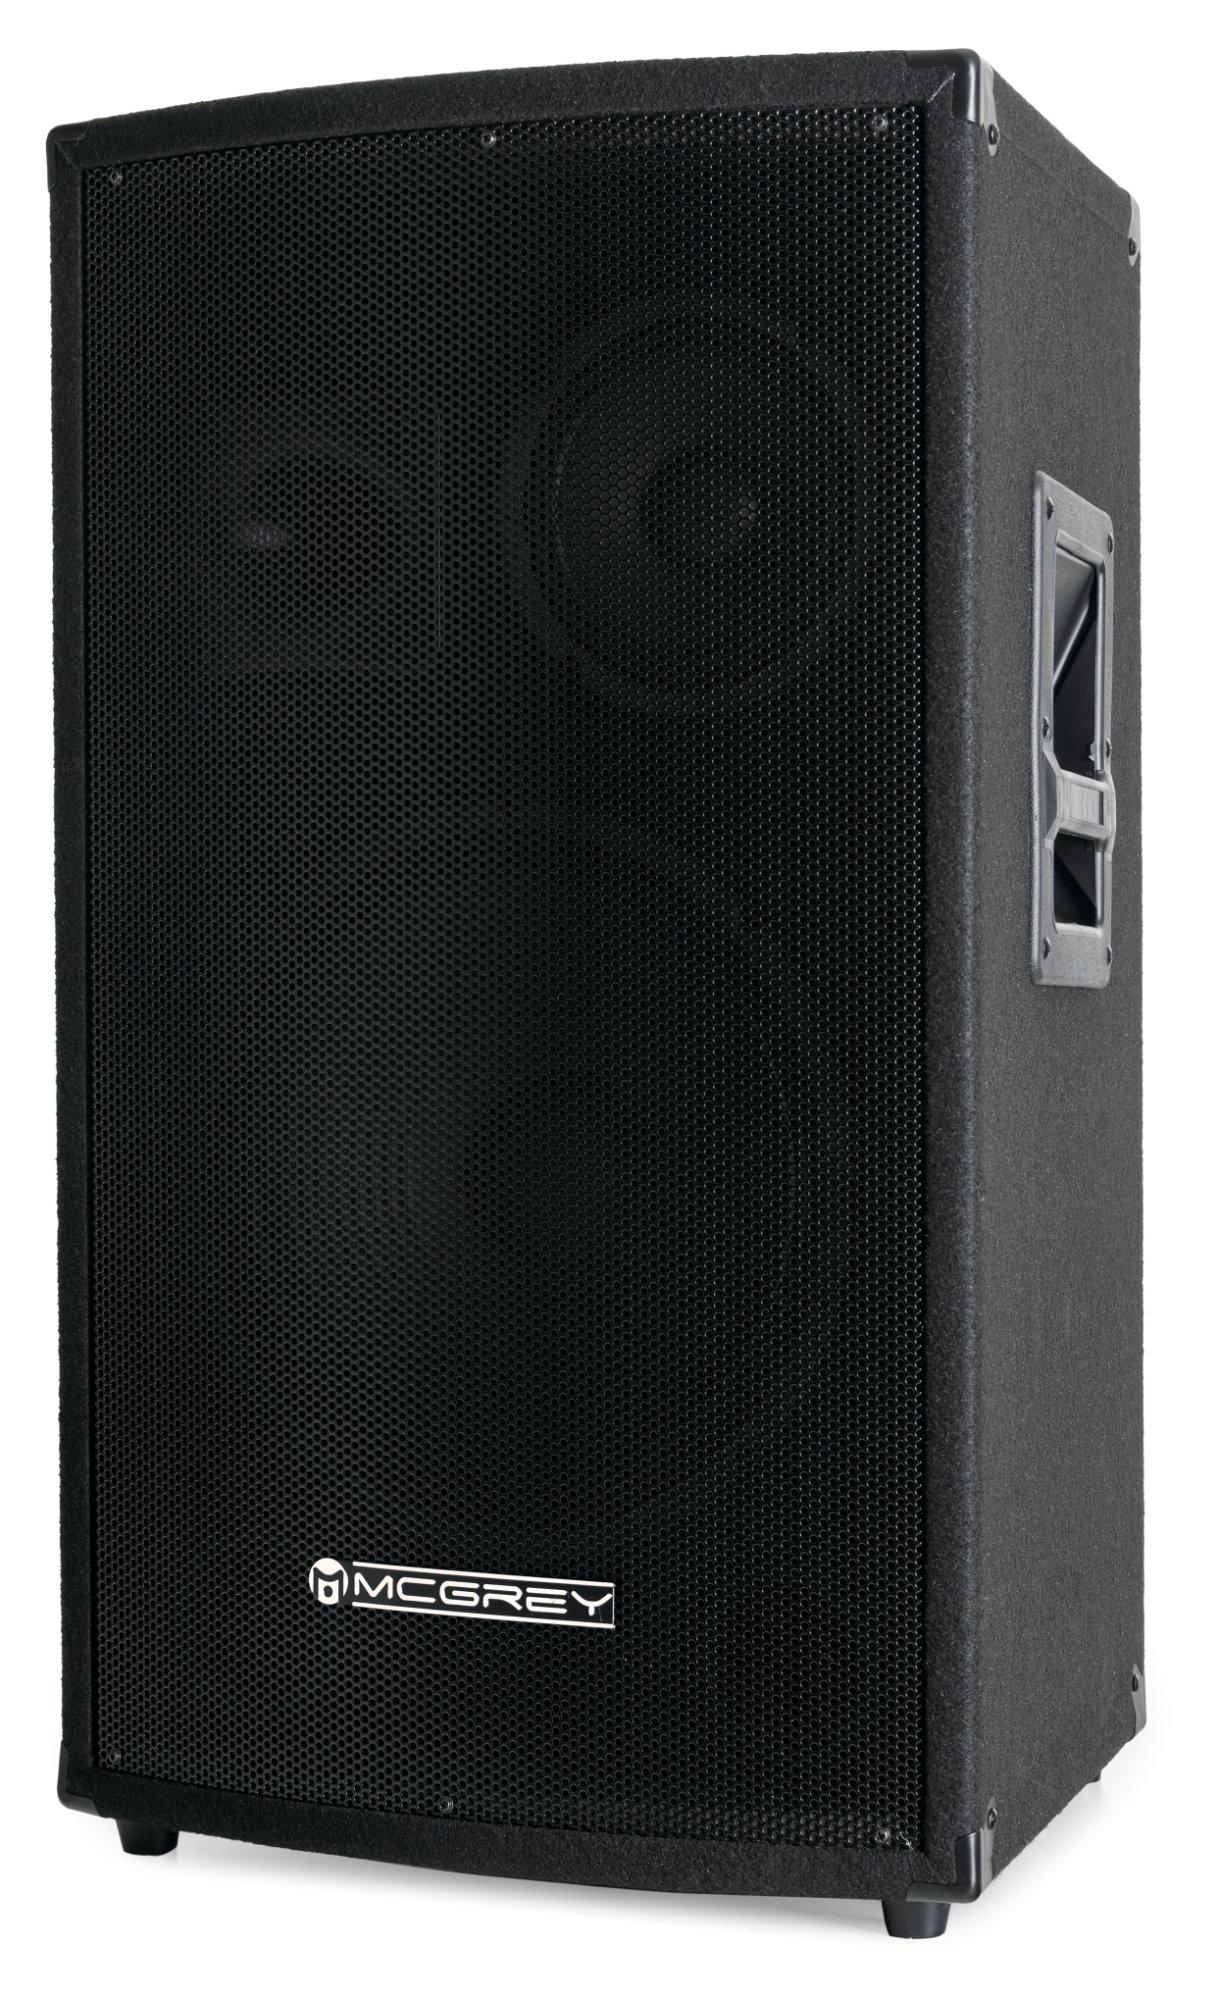 McGrey SL 12|3 Partykeller|DJ Box 600W